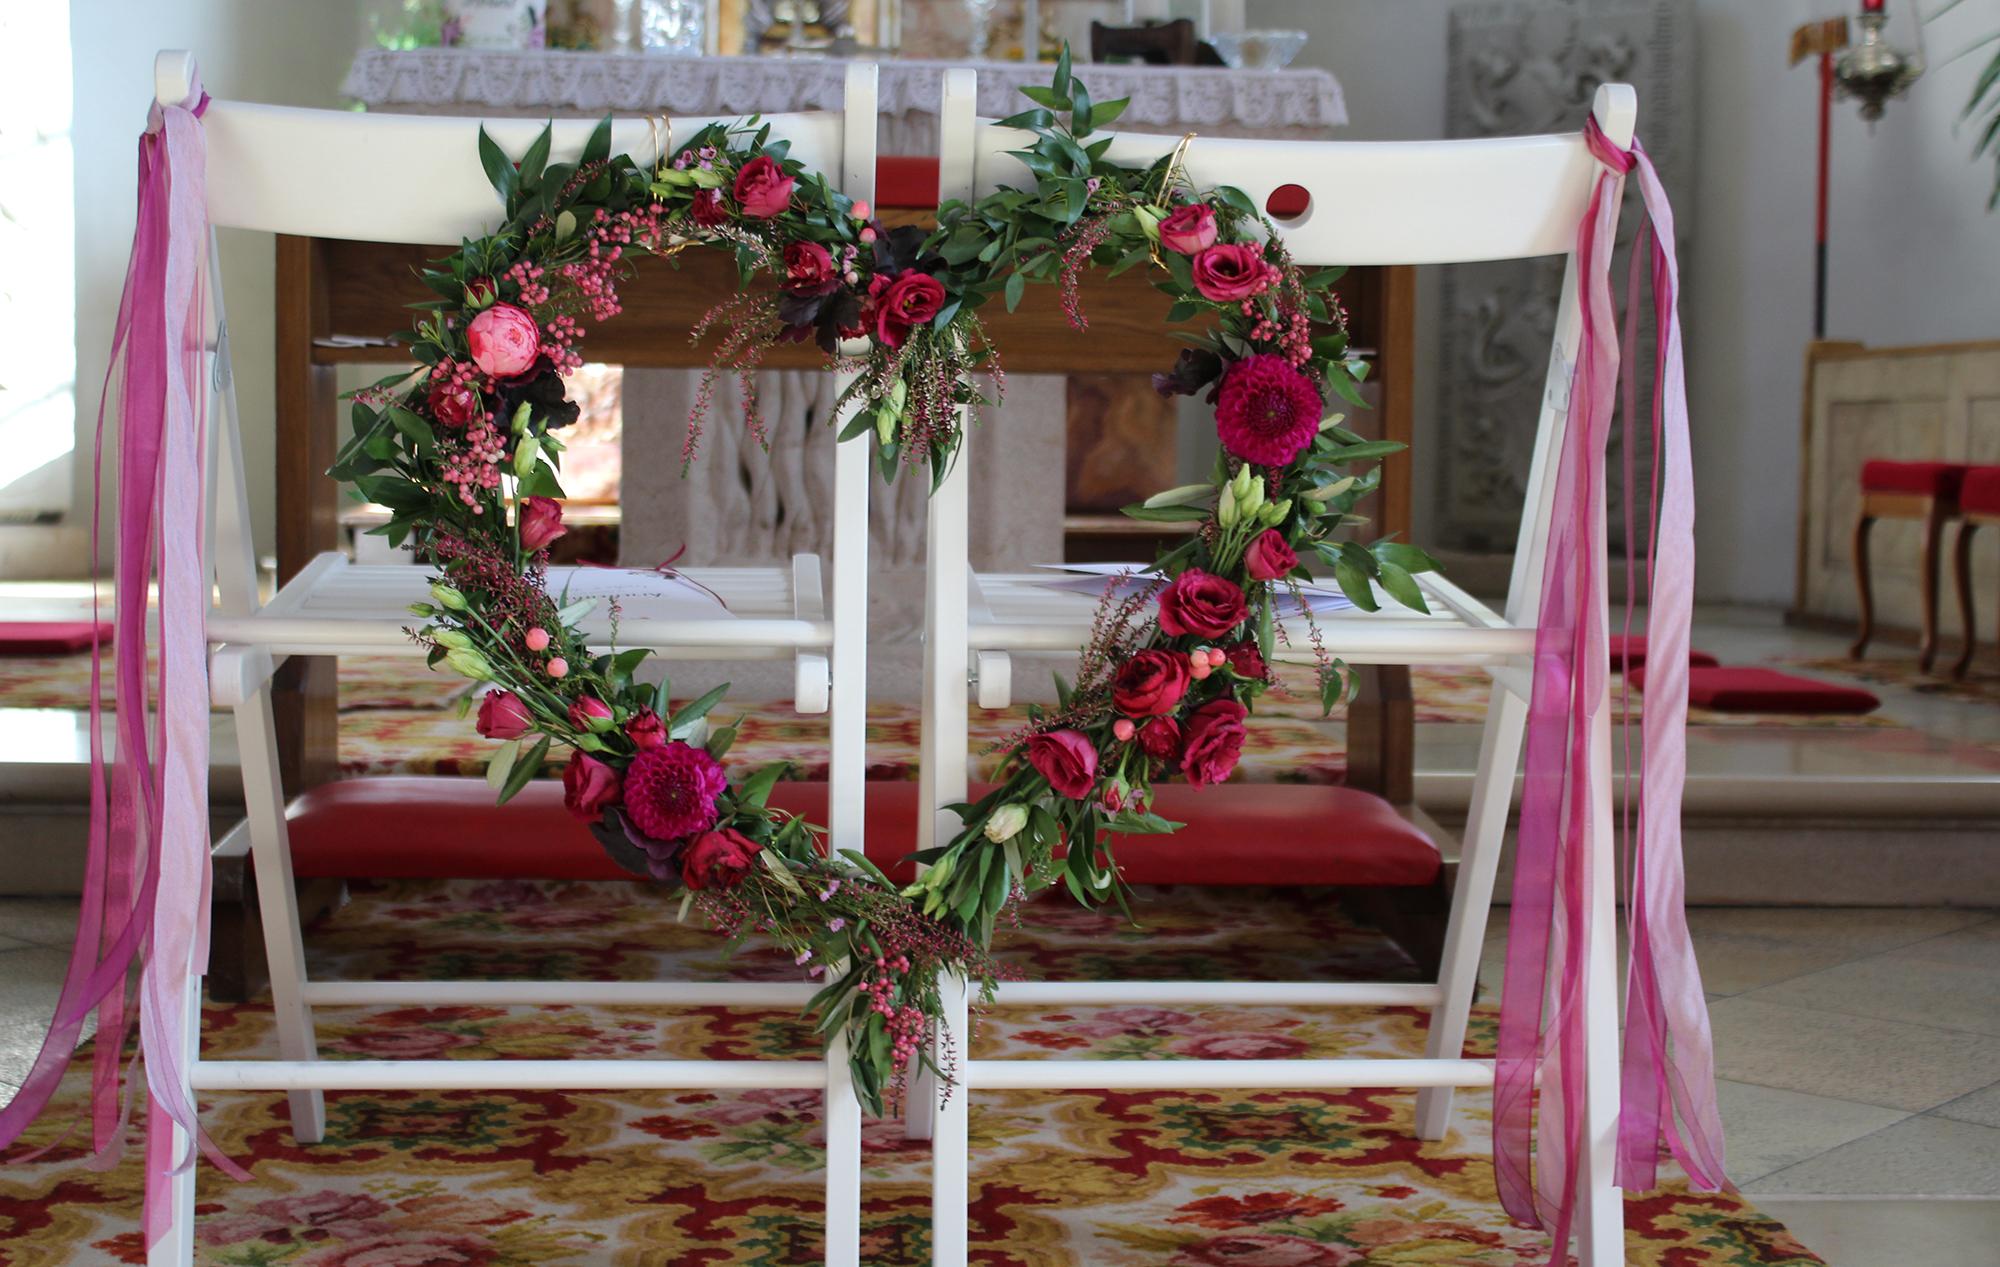 Kirche Dekoration Blumenschmuck